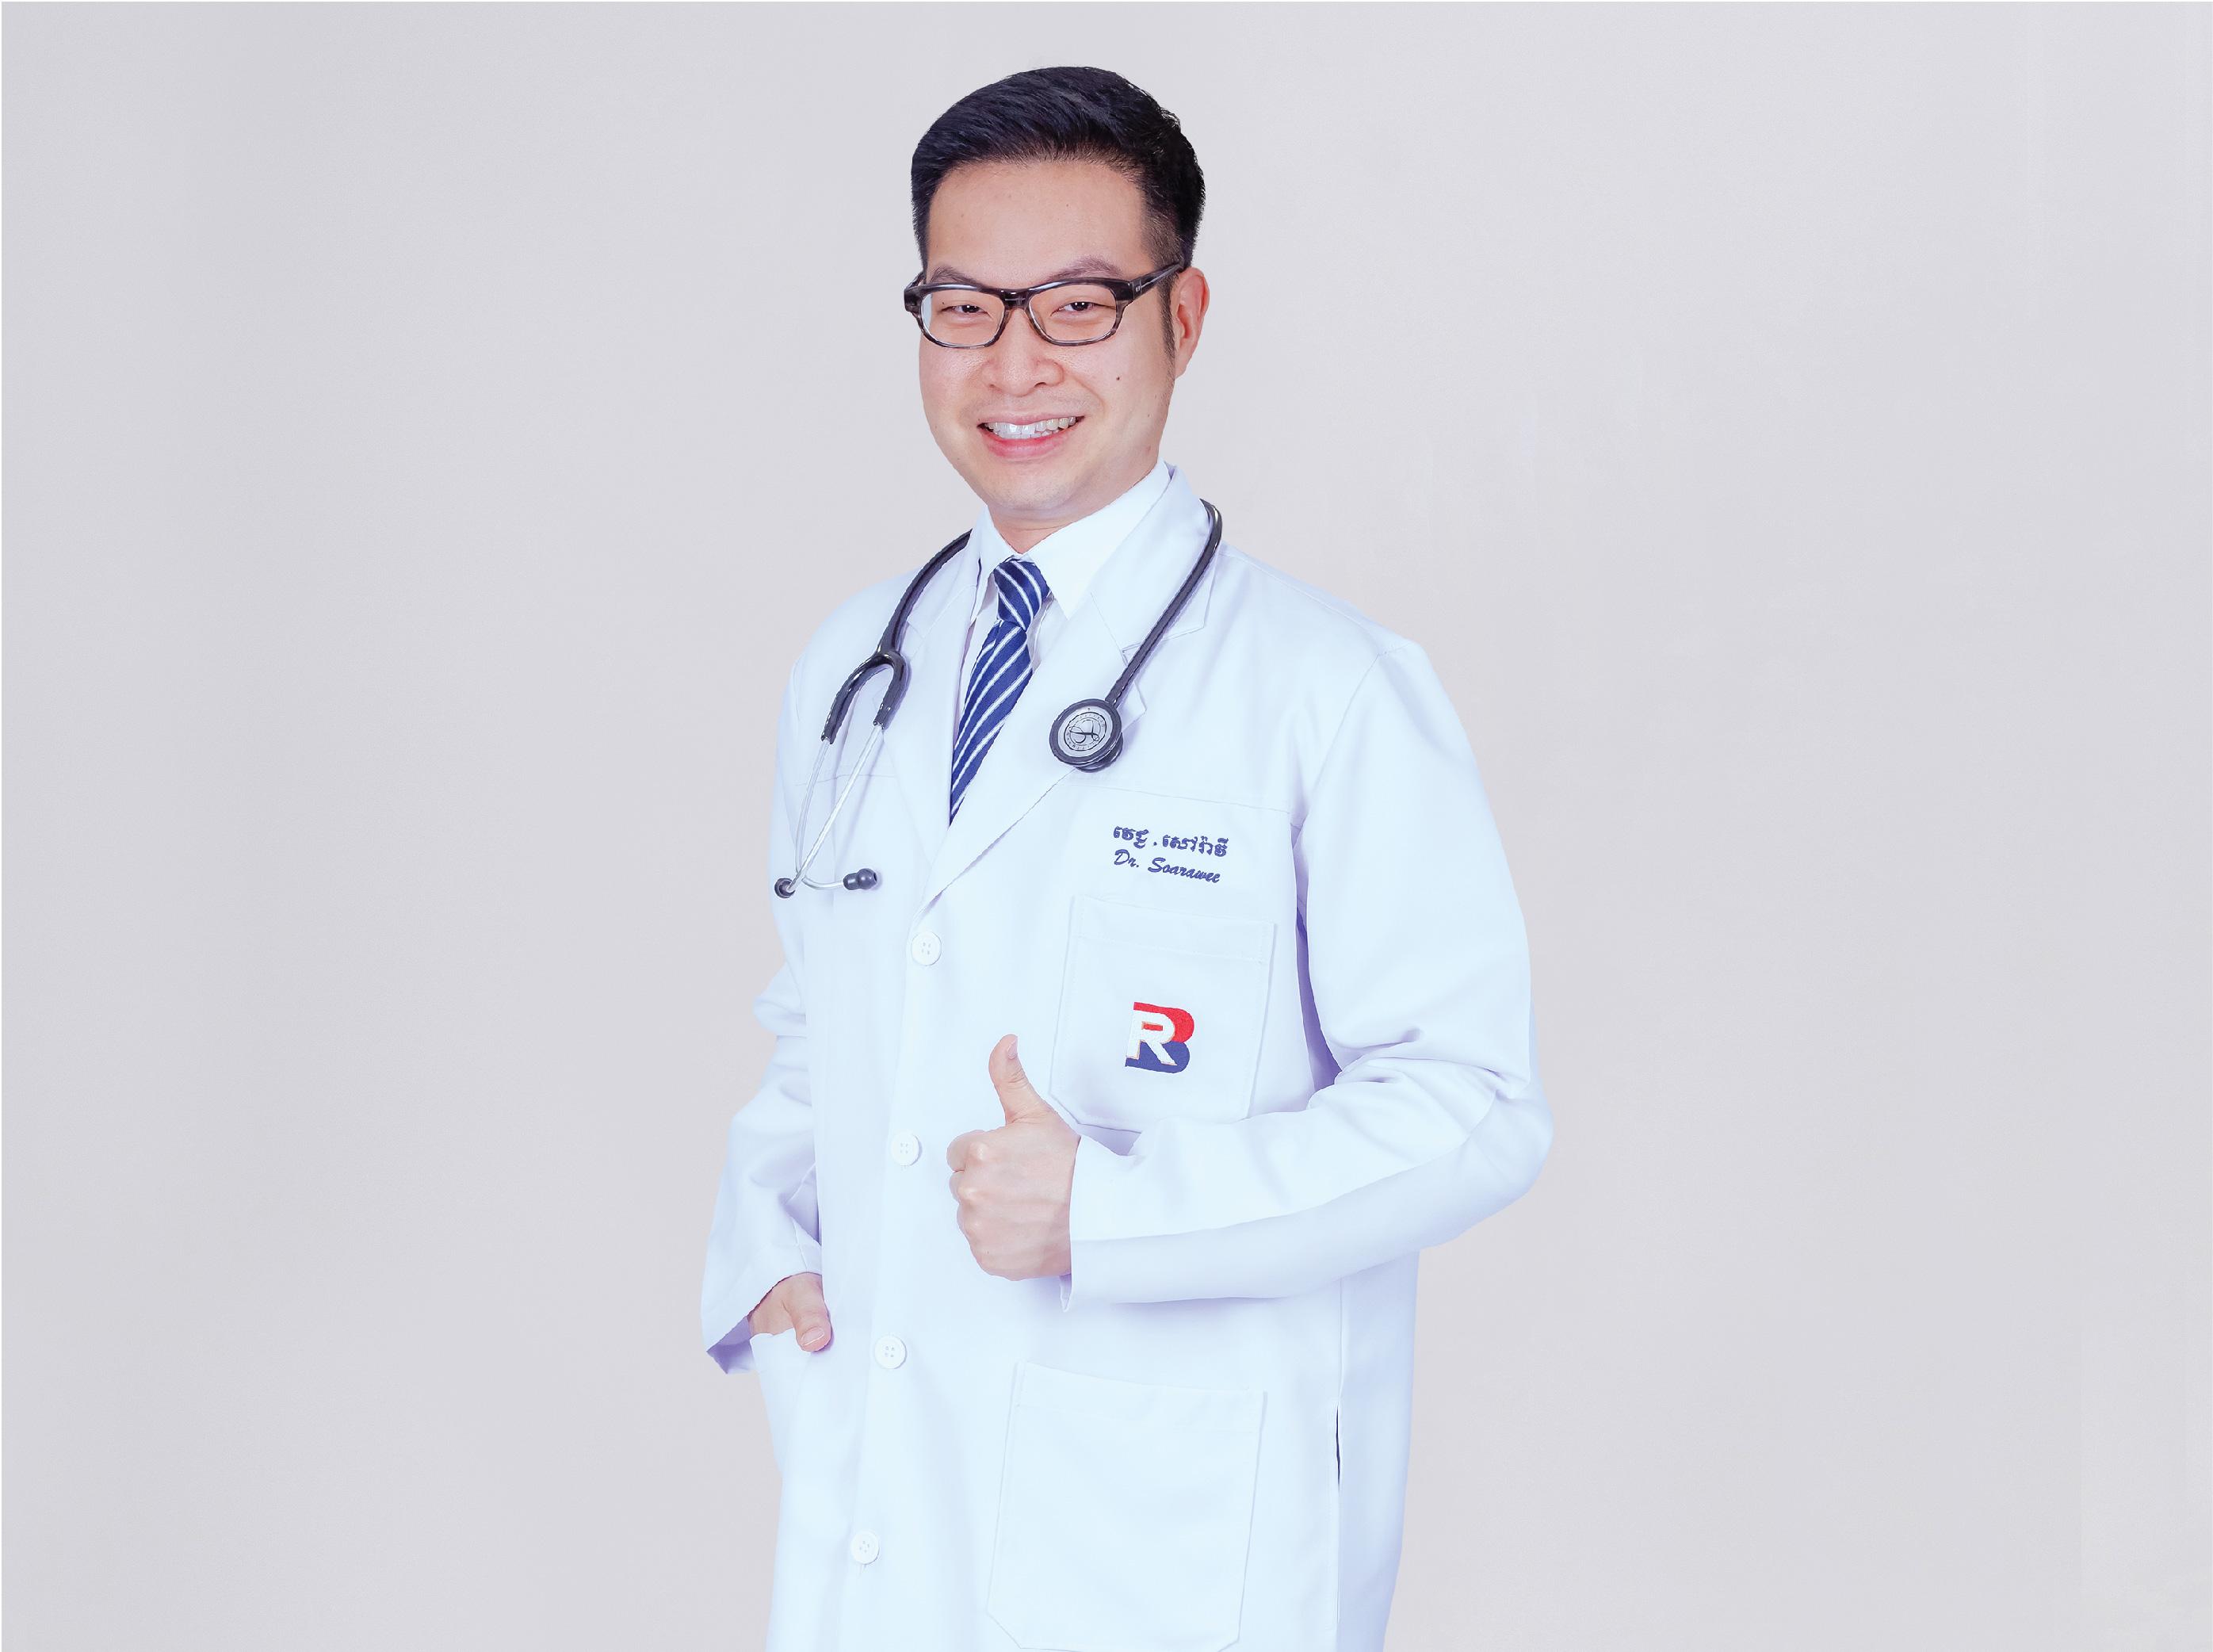 Dr. Soarawee Weerasopone